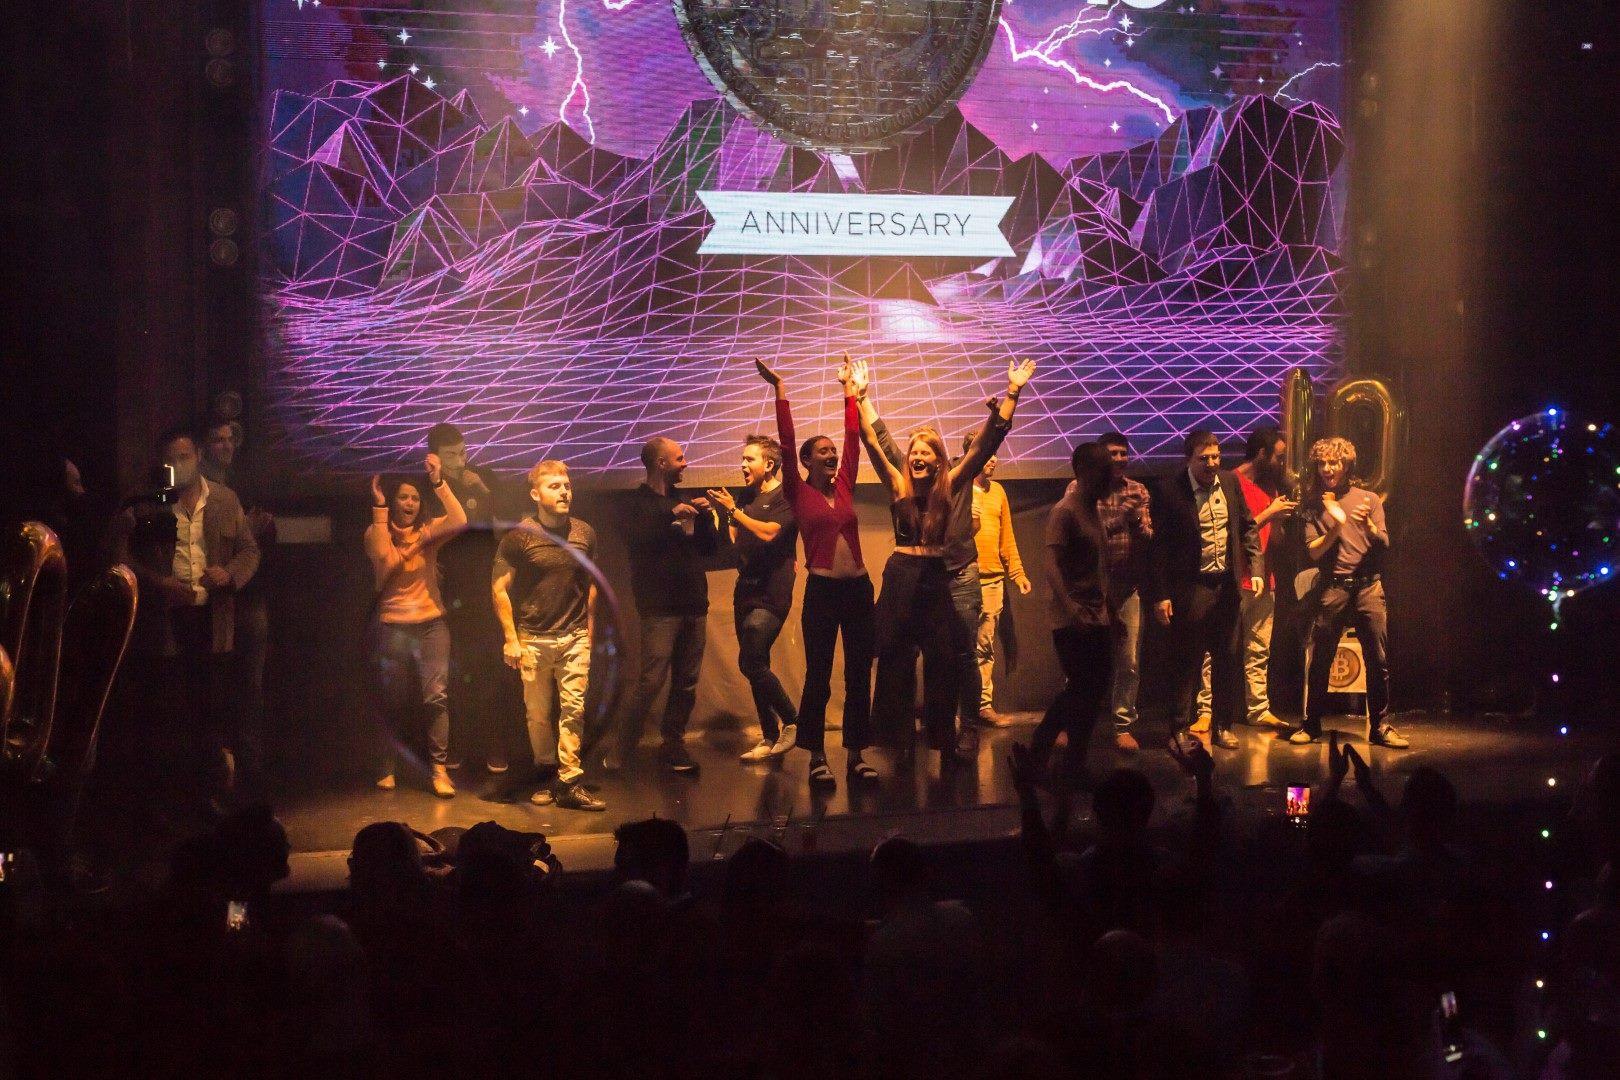 מסיבת עשור לביטקוין ינואר 2019 - חוגגים על הבמה